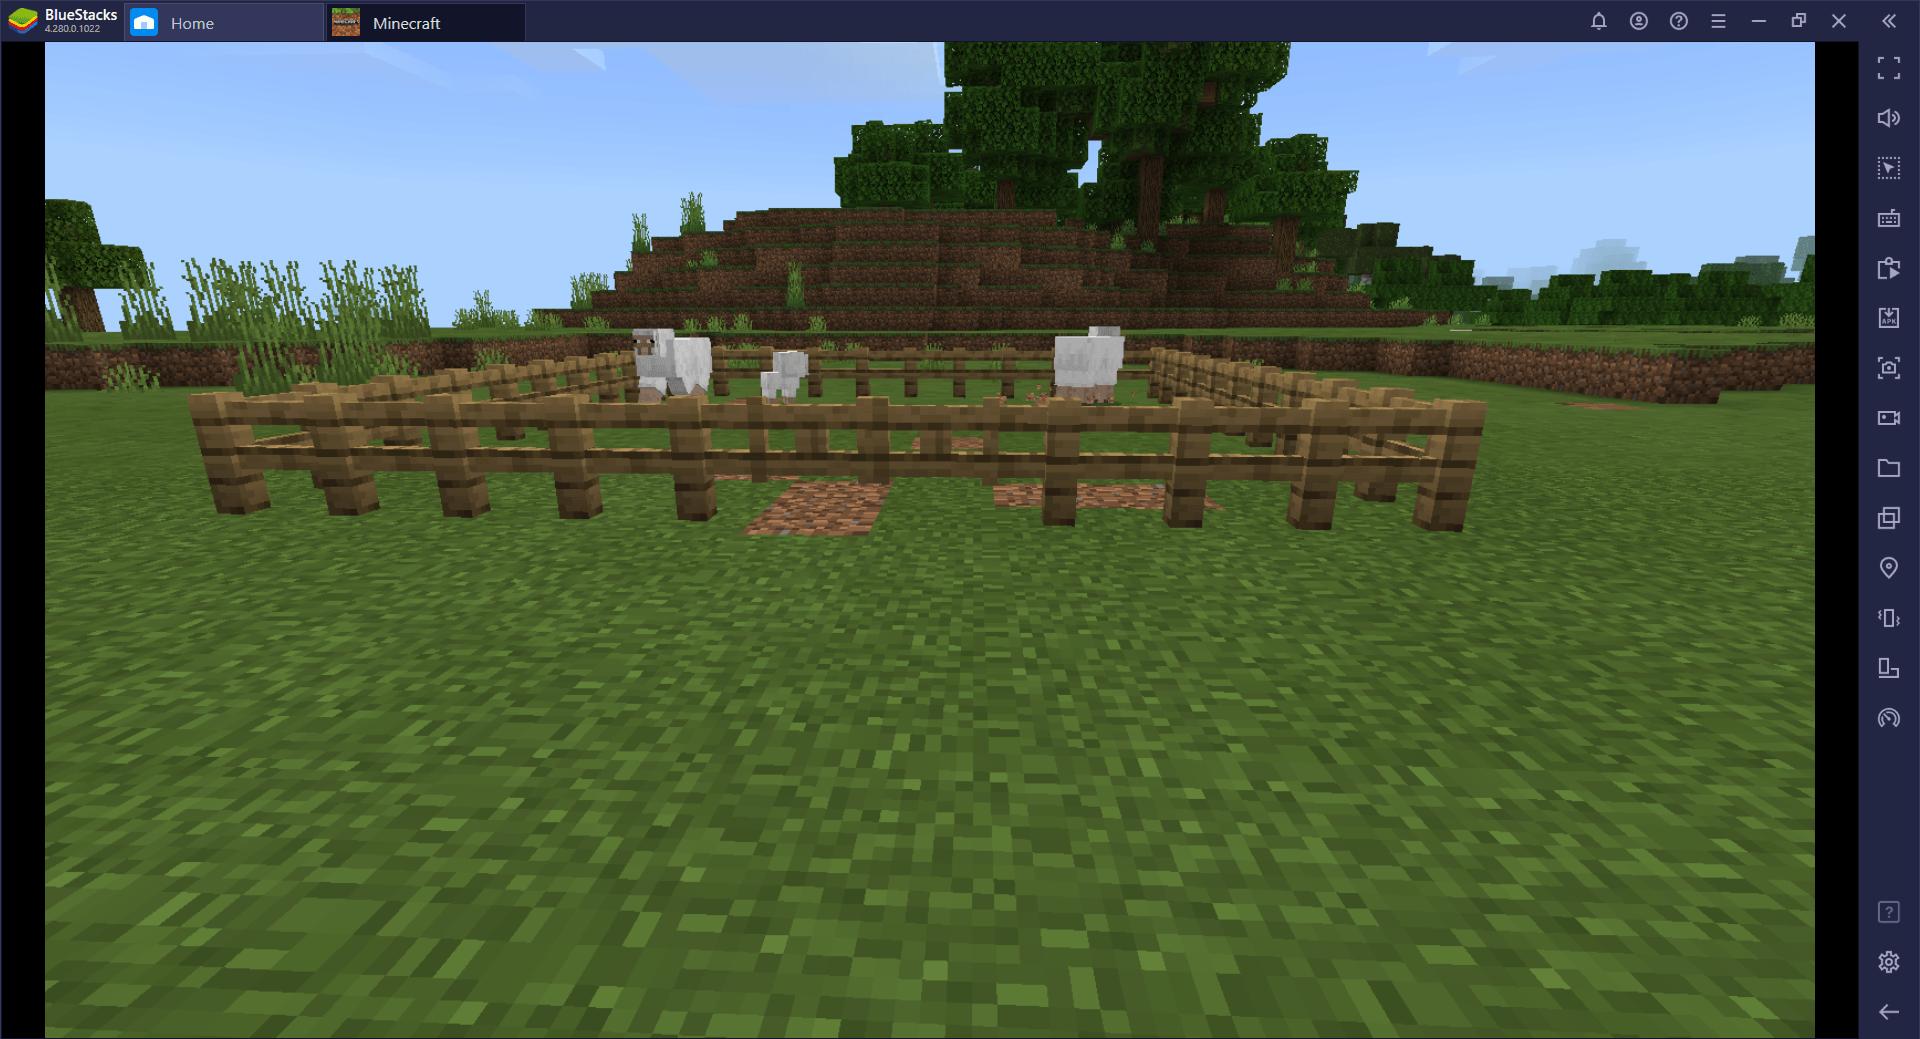 Guide BlueStacks pour construire une ferme animalière dans Minecraft